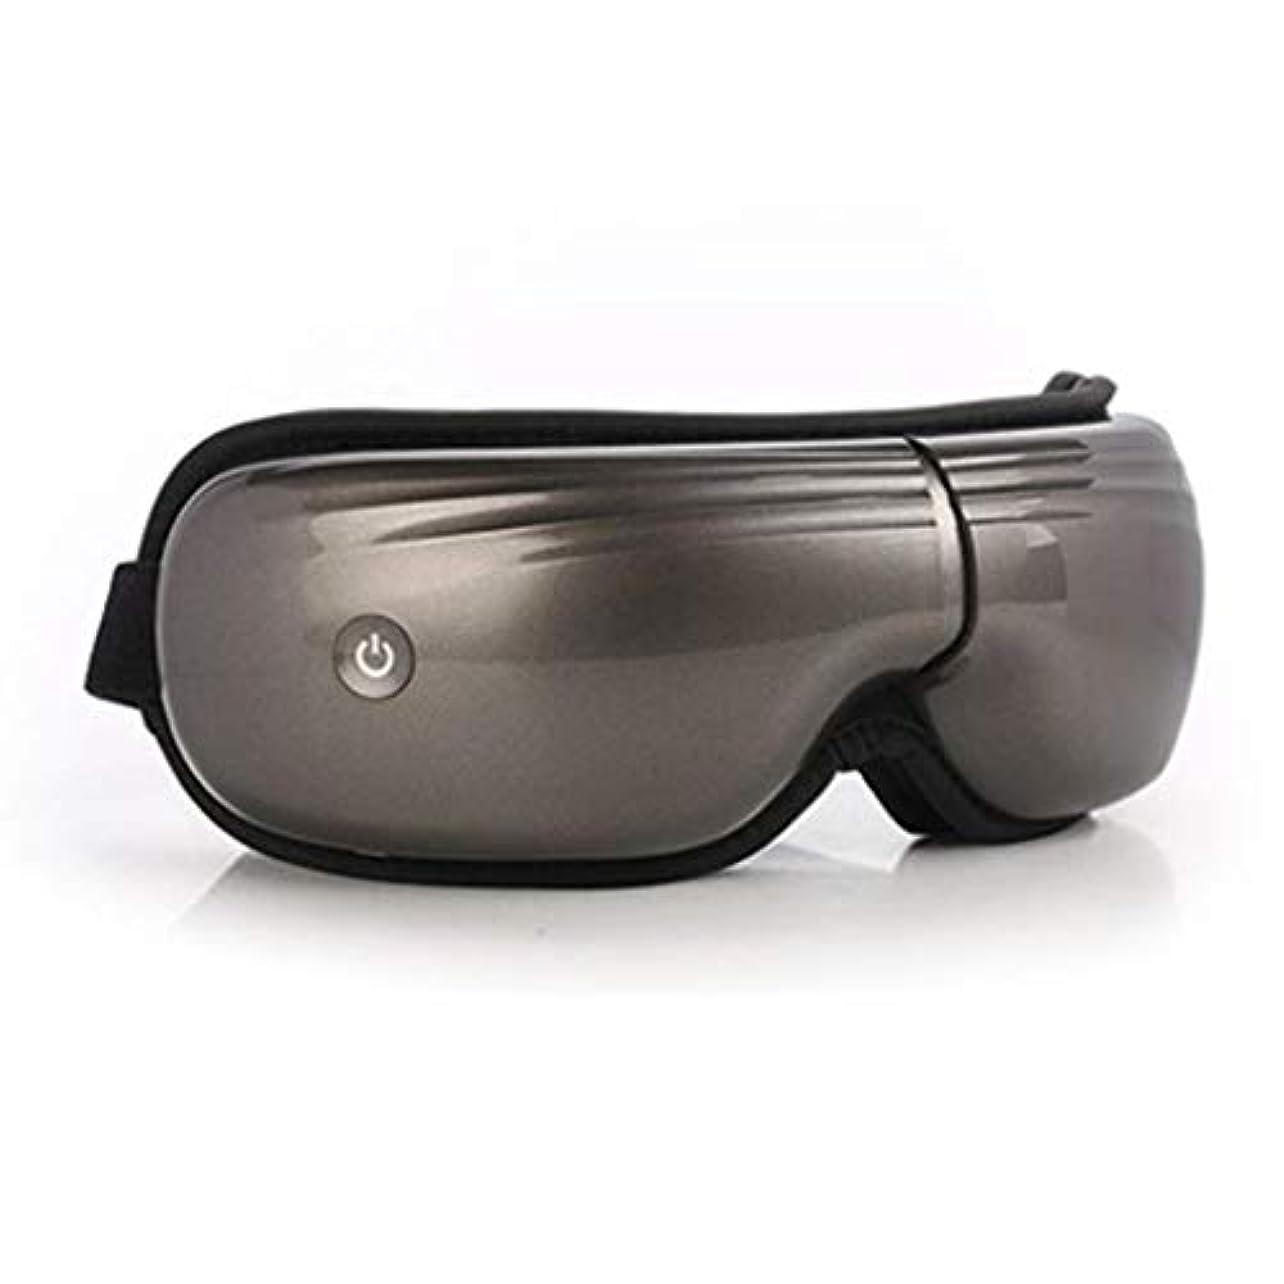 五十アトラスアミューズアイマッサージアイマスク、アイマッサージャー、USB充電式ポータブルアイツール、ホットコンプレッションおよびフォールディングホーム、ダークサークルアイバッグおよびアイ疲労の改善、いつでも、いつでも持ち運びが簡単